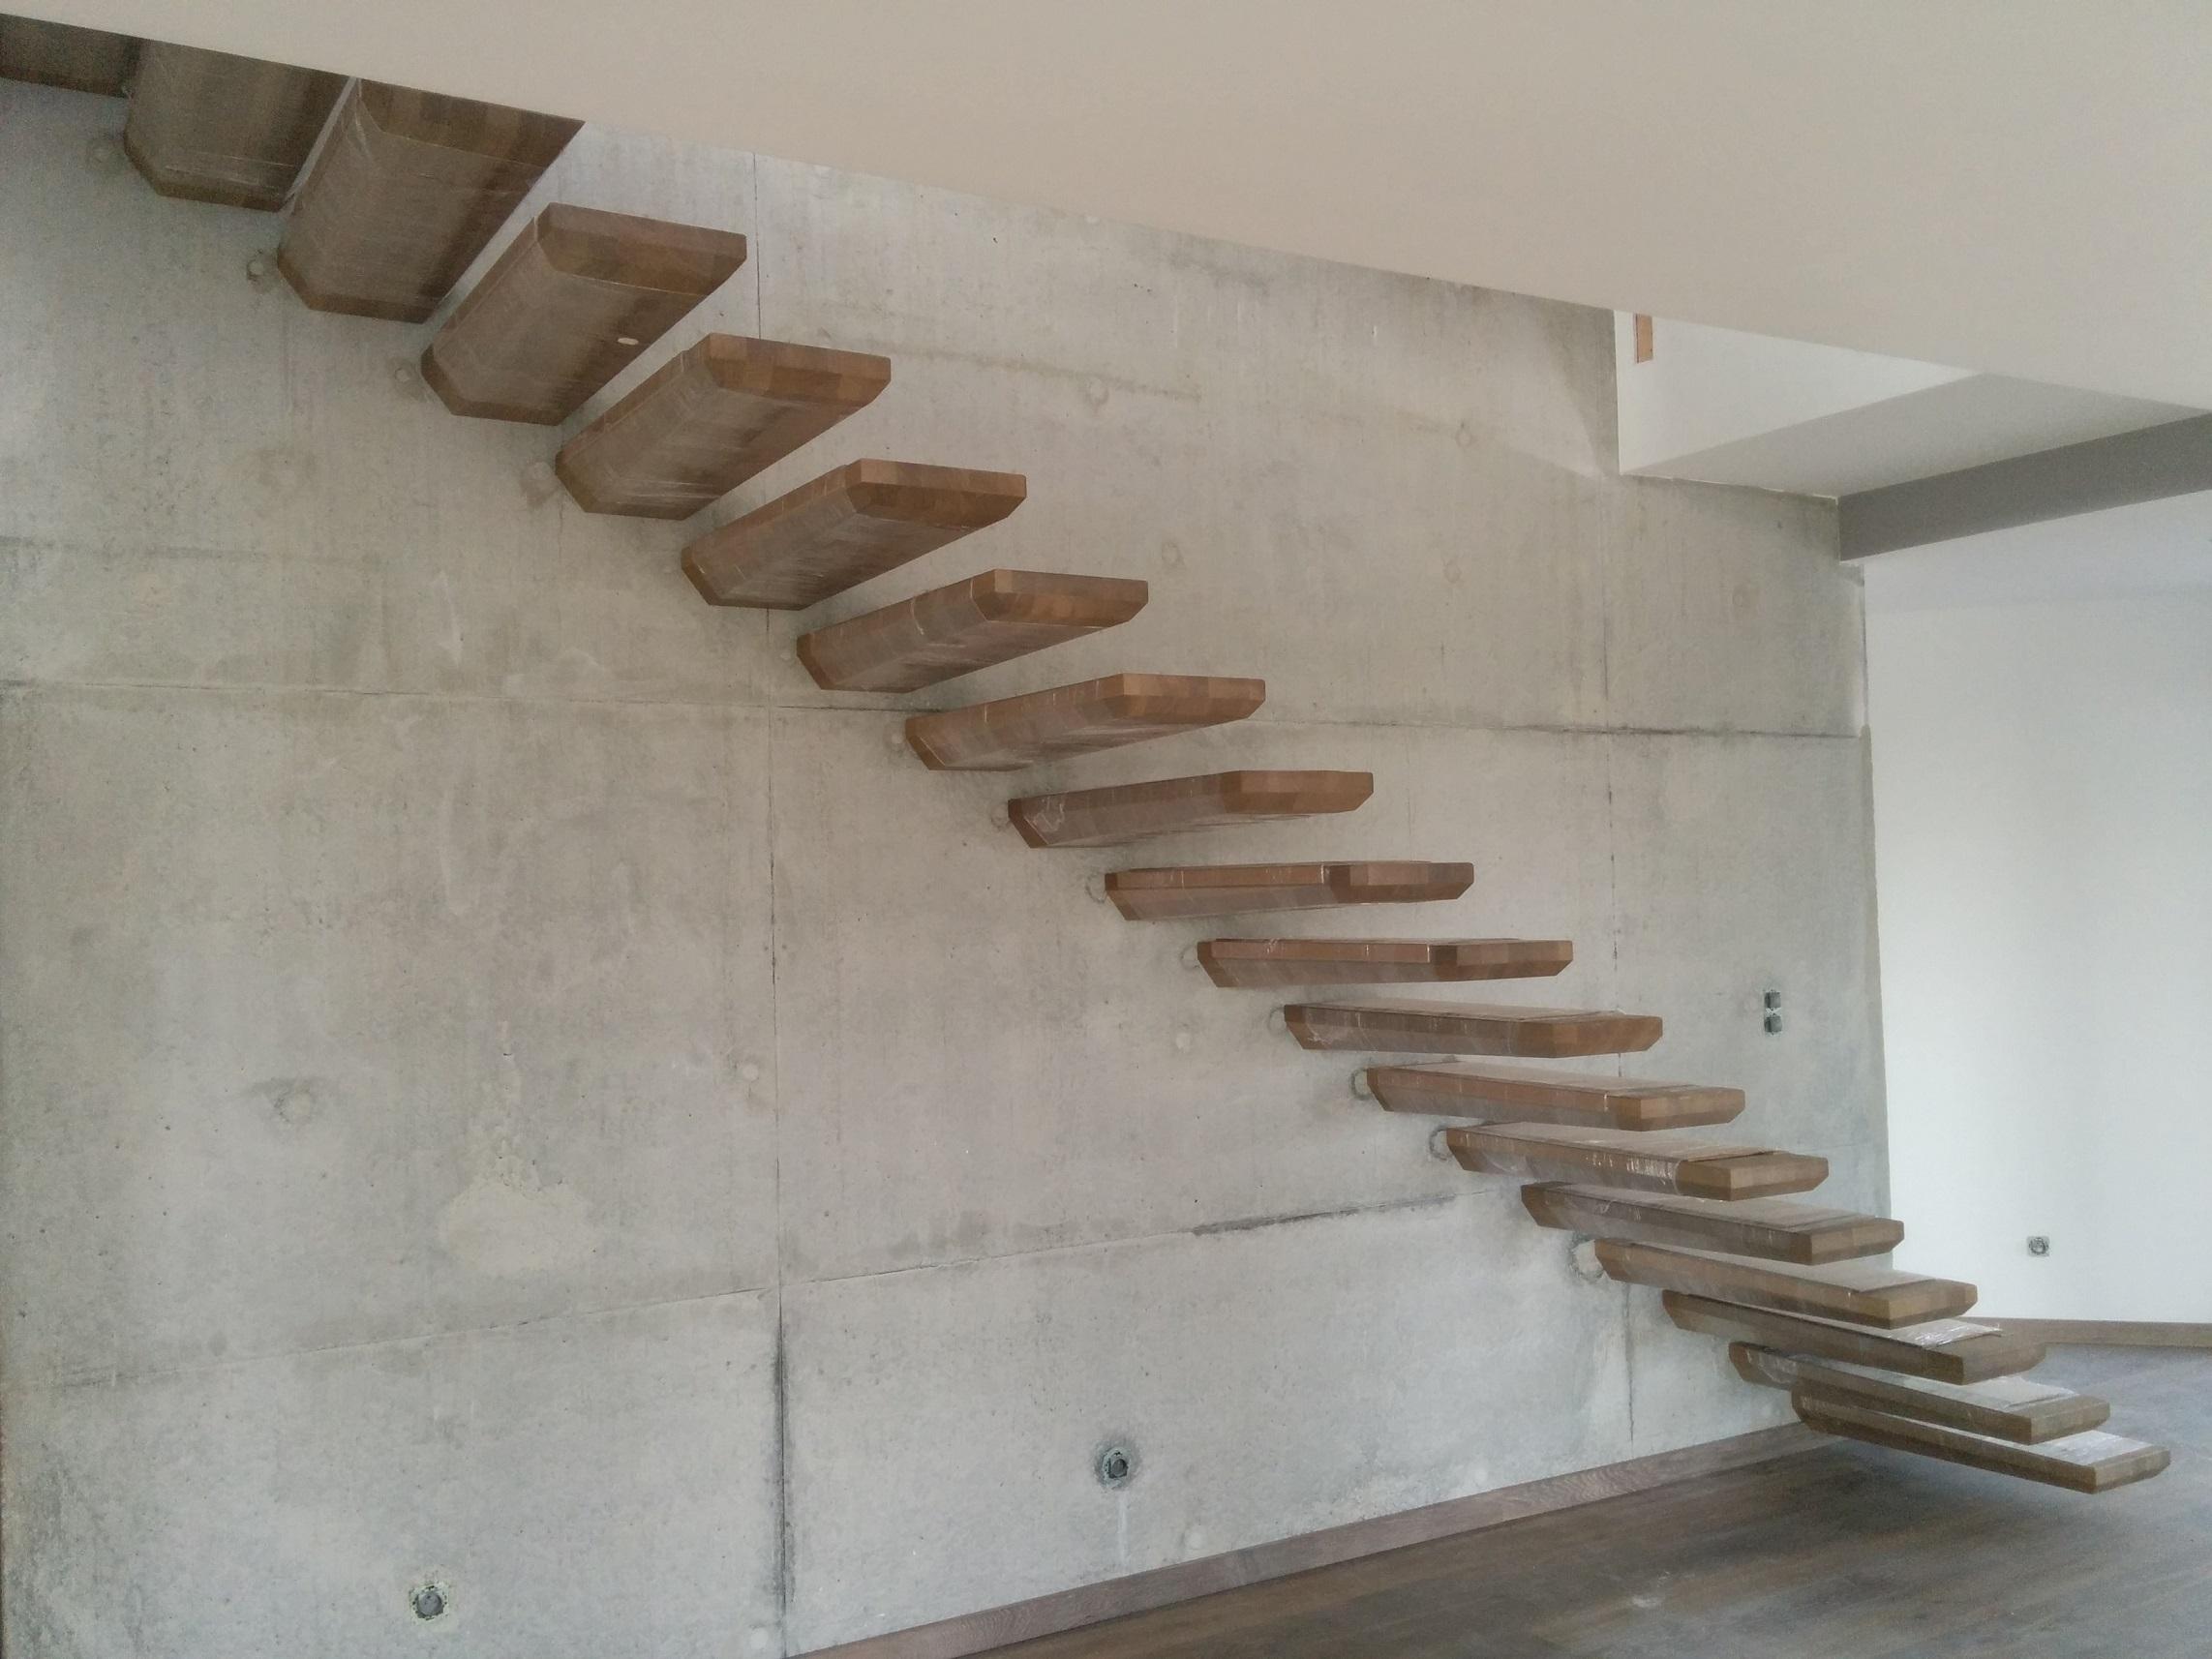 Escalier Marches Suspendues Mur escaliers suspendus